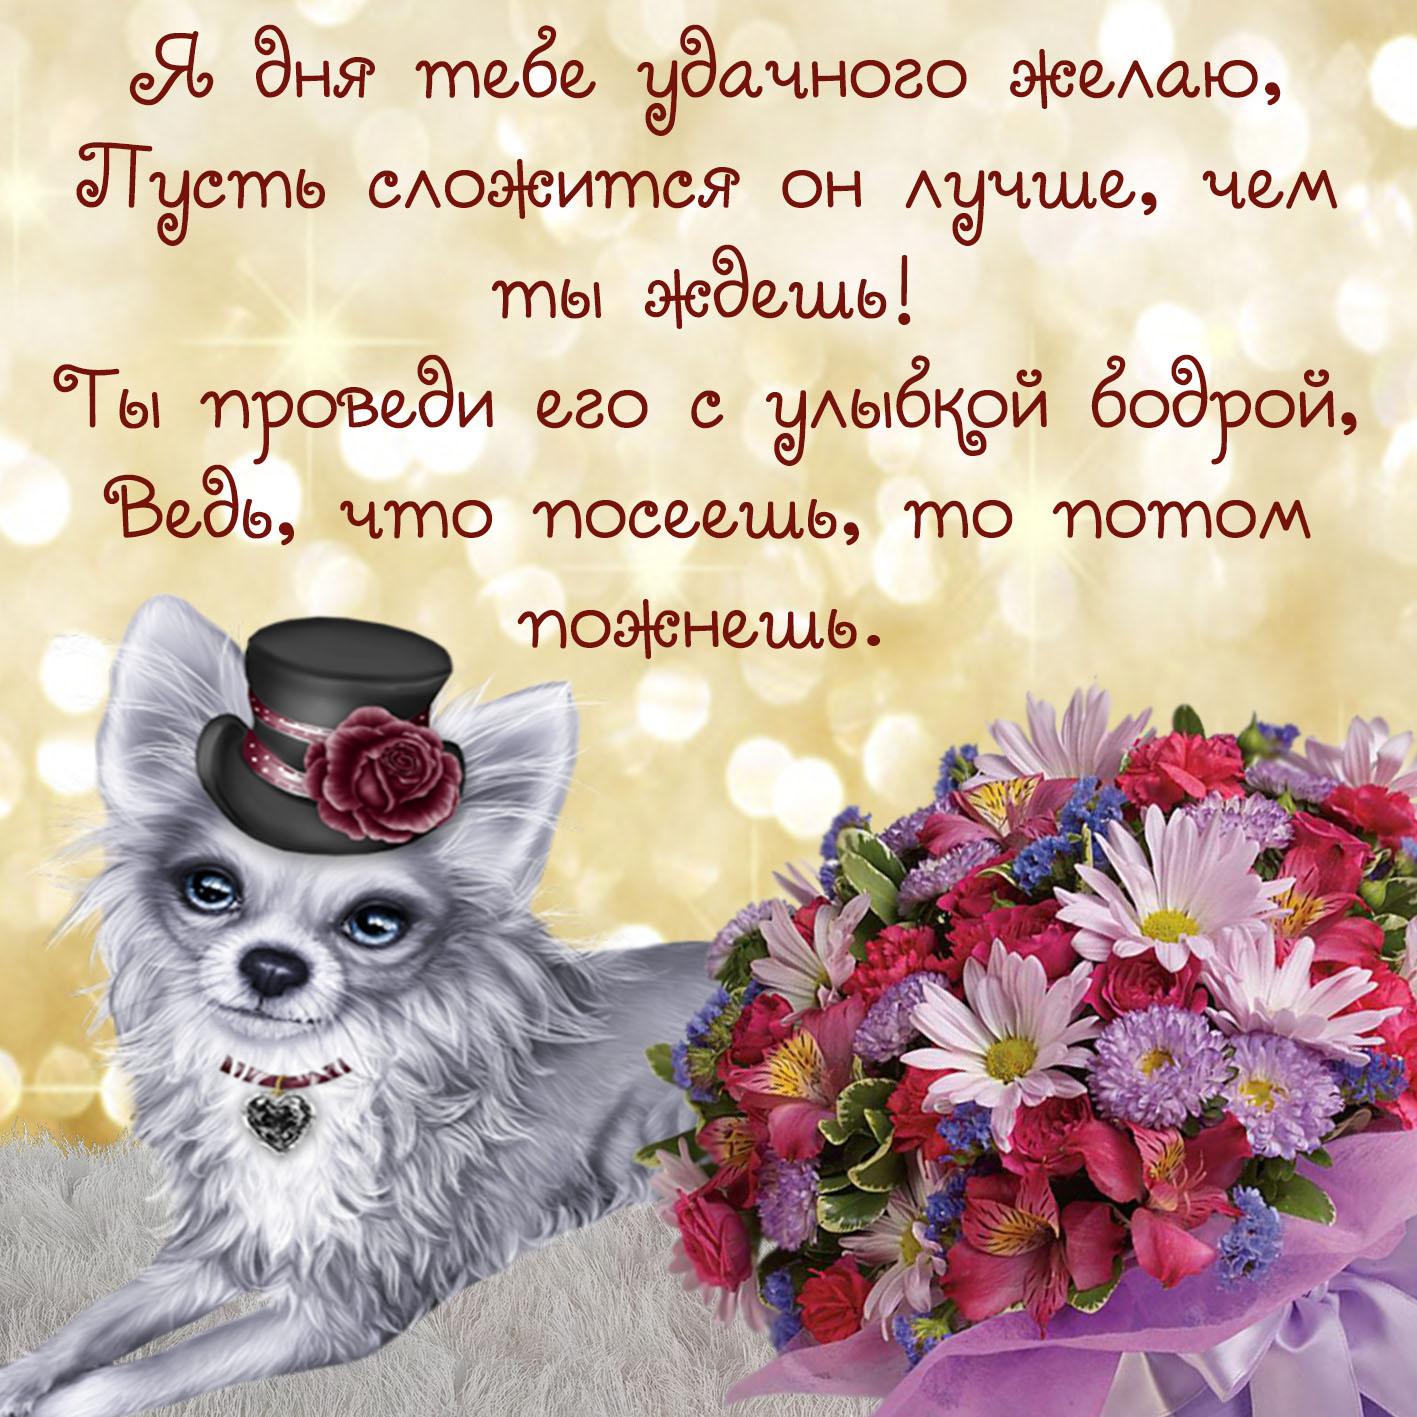 Открытка - собачка в шляпке с пожеланием удачного дня